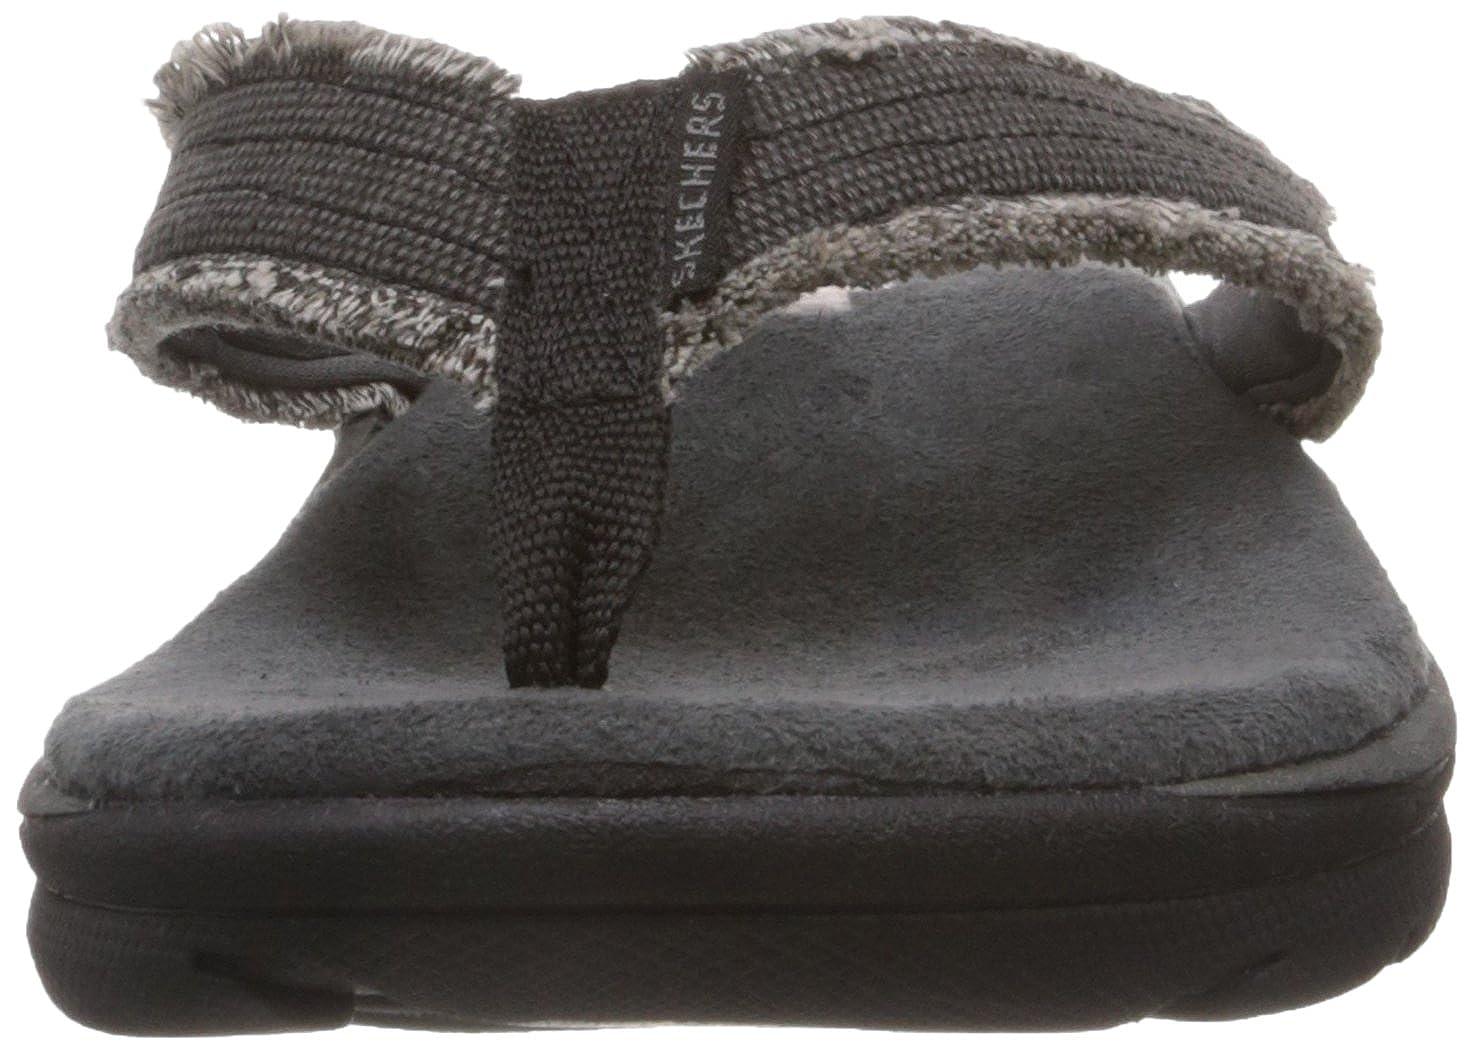 87f50450969 Skechers Supreme Bosnia